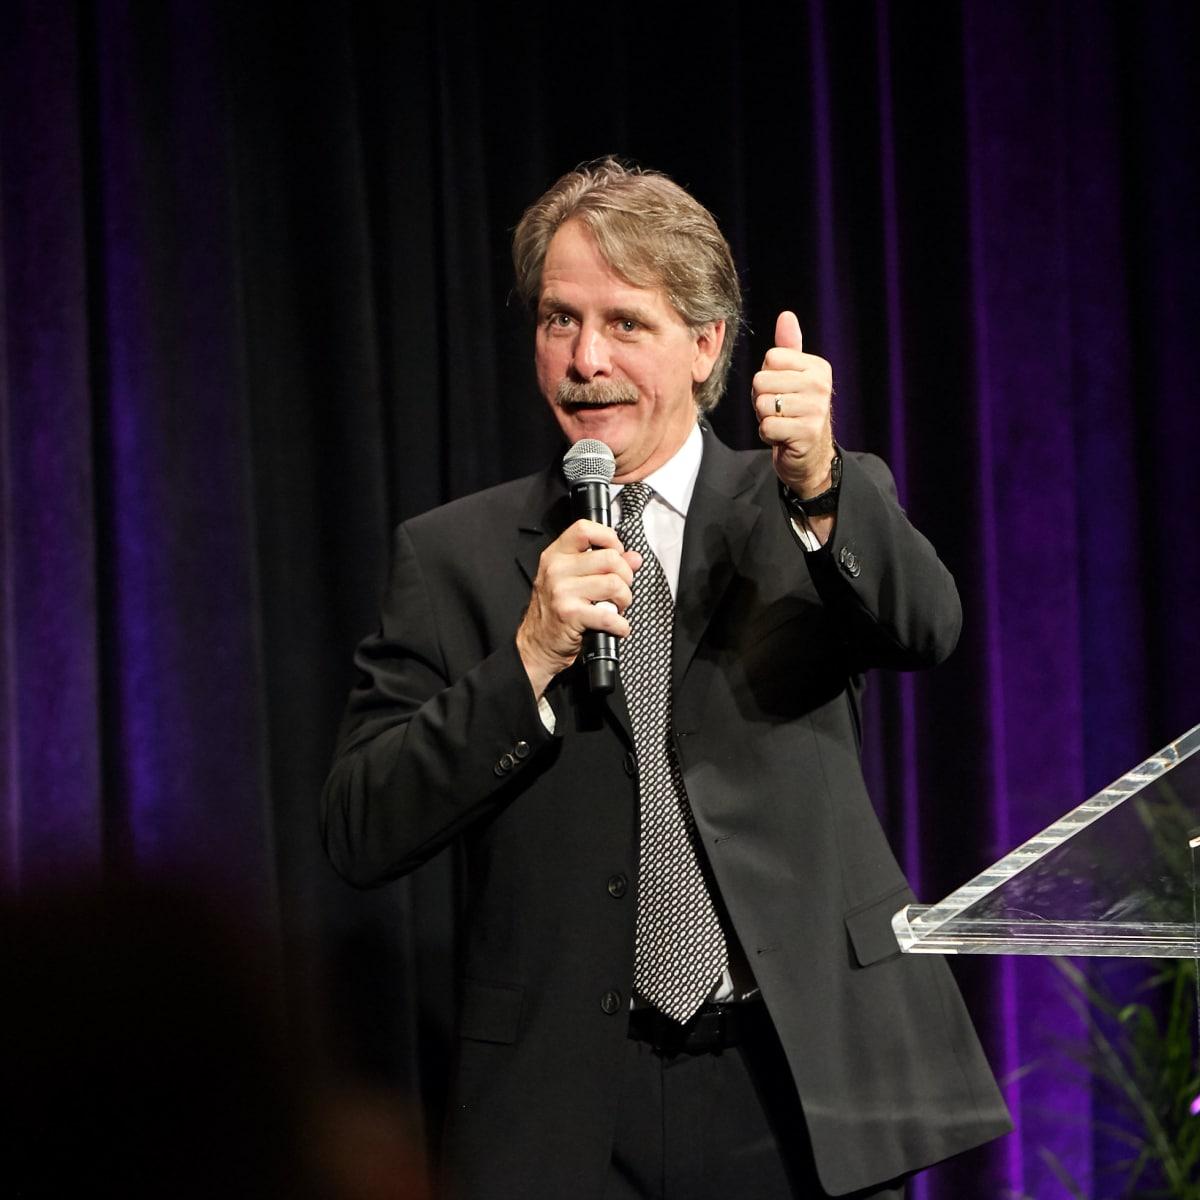 Houston, Bush Library Foundation dinner, November 2017, Jeff Foxworthy